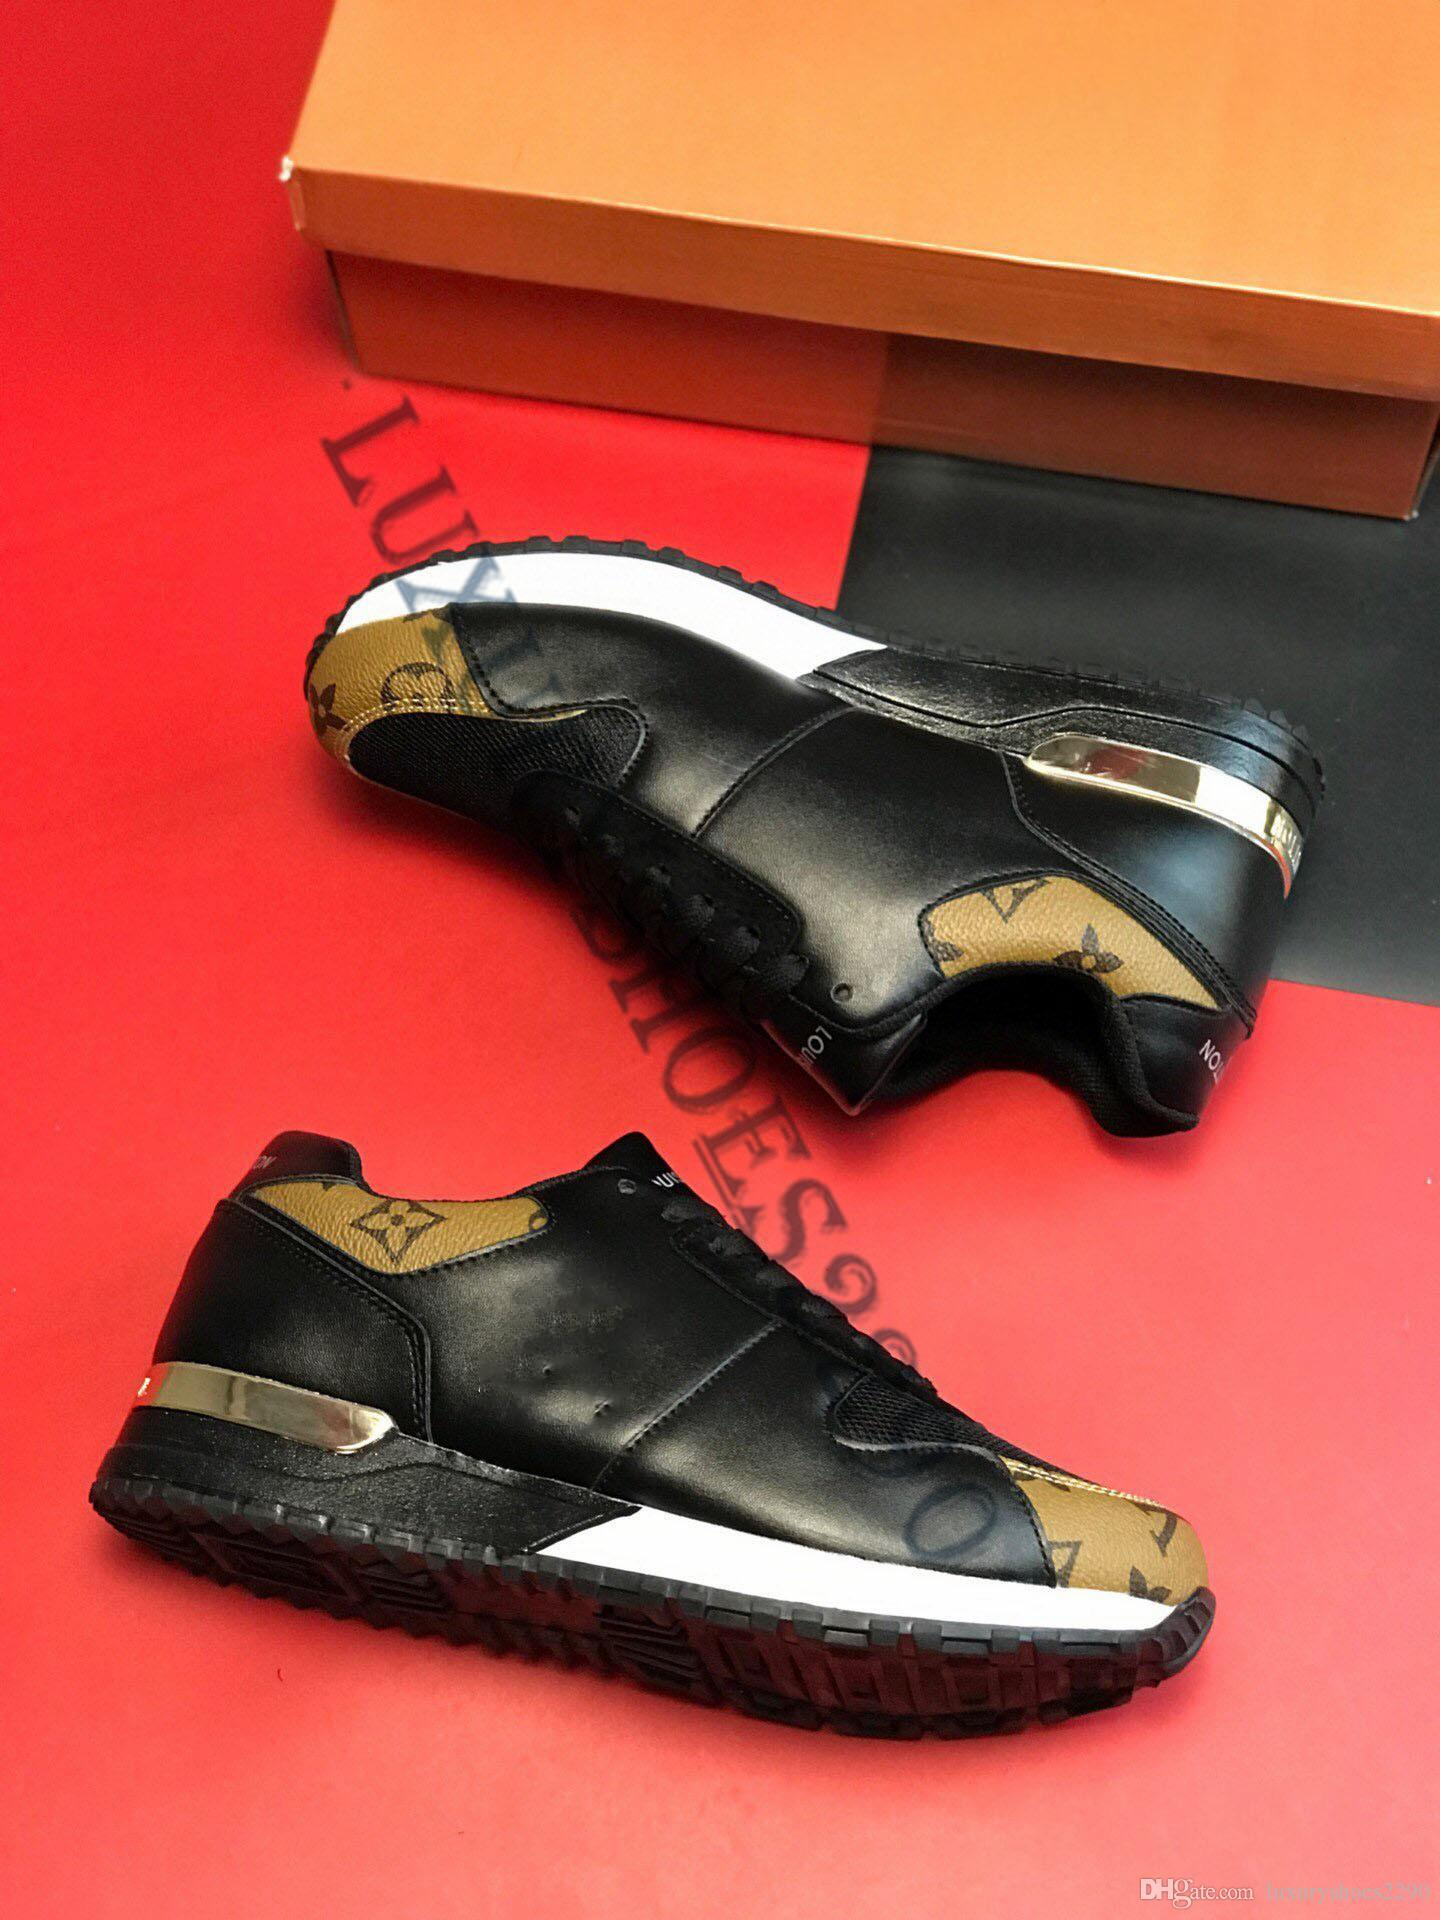 Louis Vuitton Shoes LV women shoes DHL 2020 nuove scarpe di tela primavera e l'estate scarpe casual moda di lusso scarpe sportive casuali retrò moda casual donna del design